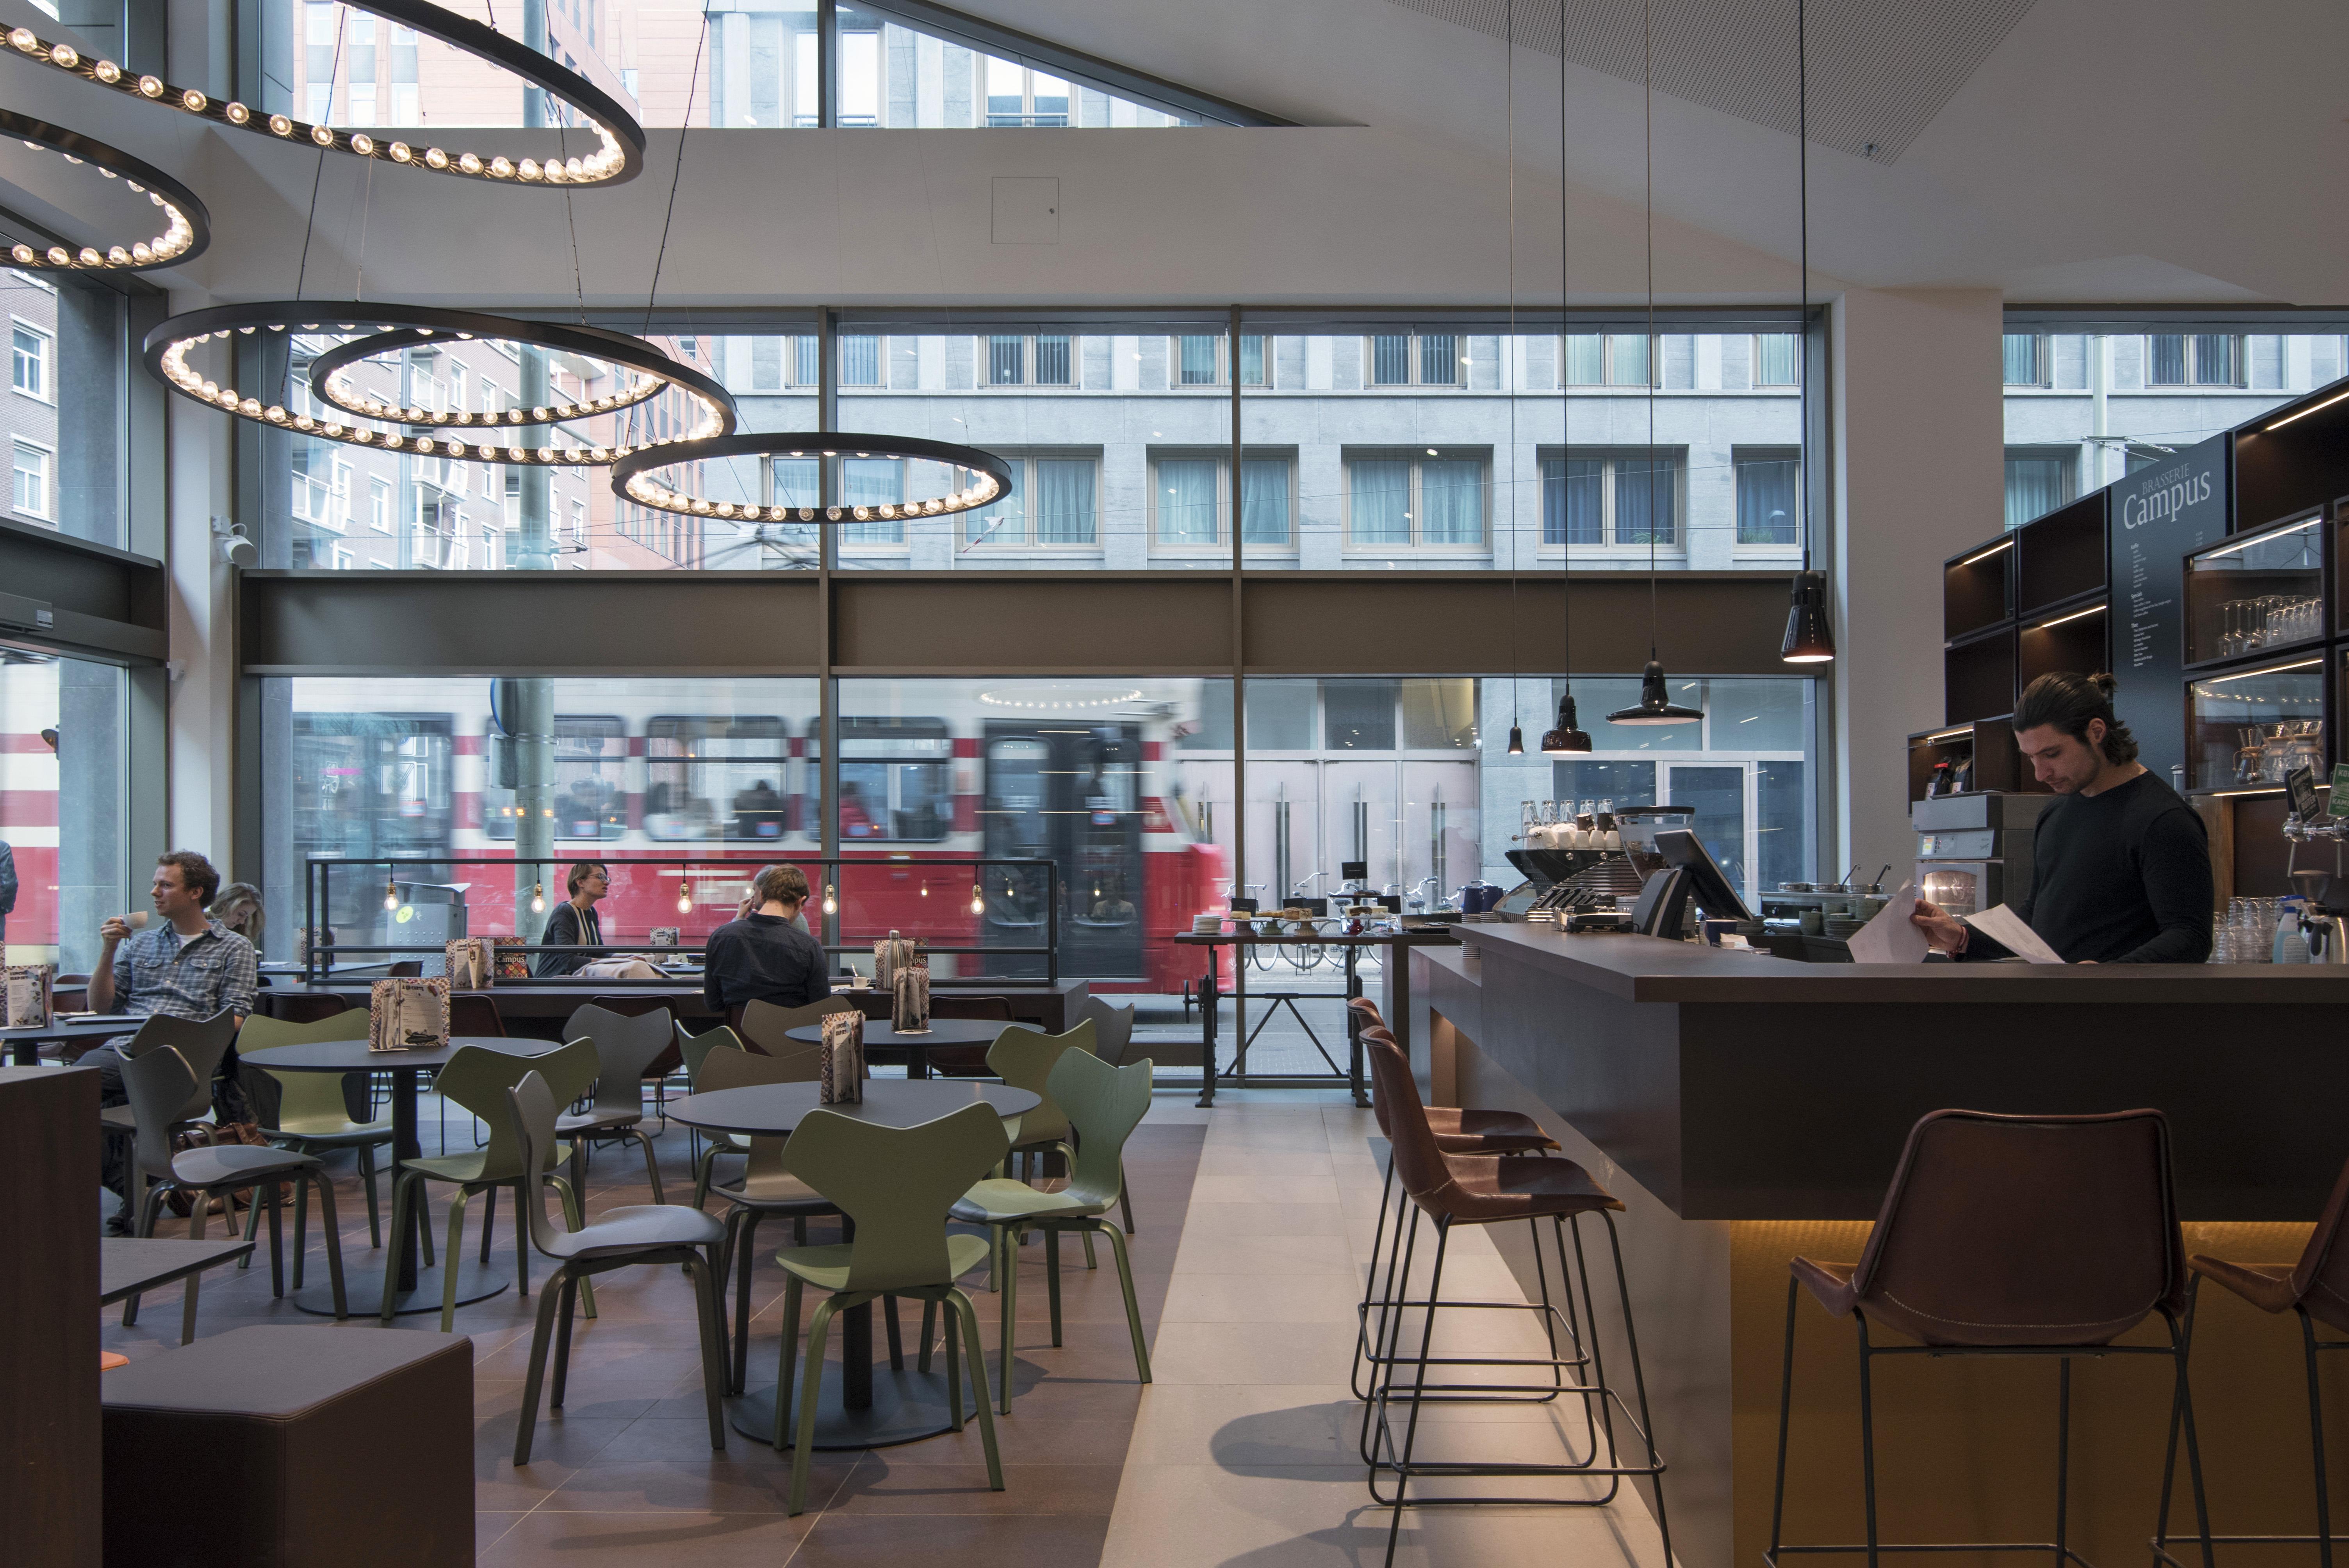 <p>De koffiebar naast de entree zorgt voor een publiek en levendig karakter. Fotografie: Peter de Ruig</p>